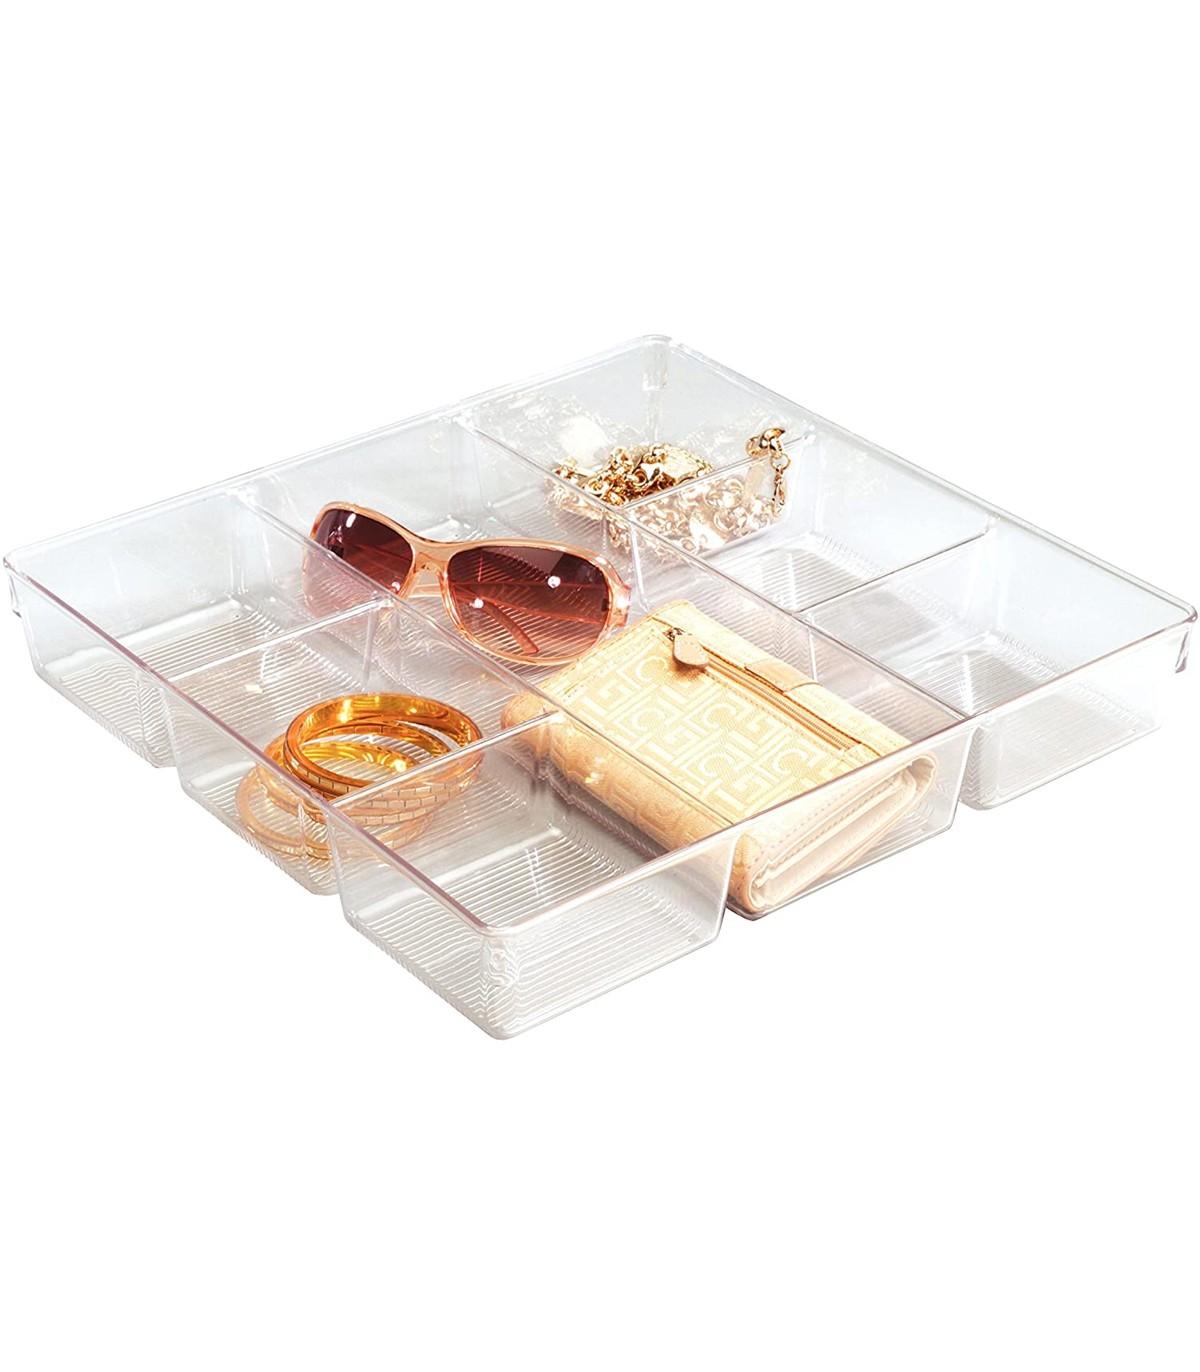 Bac de rangement pour tiroir 7 compartiments - Transparent